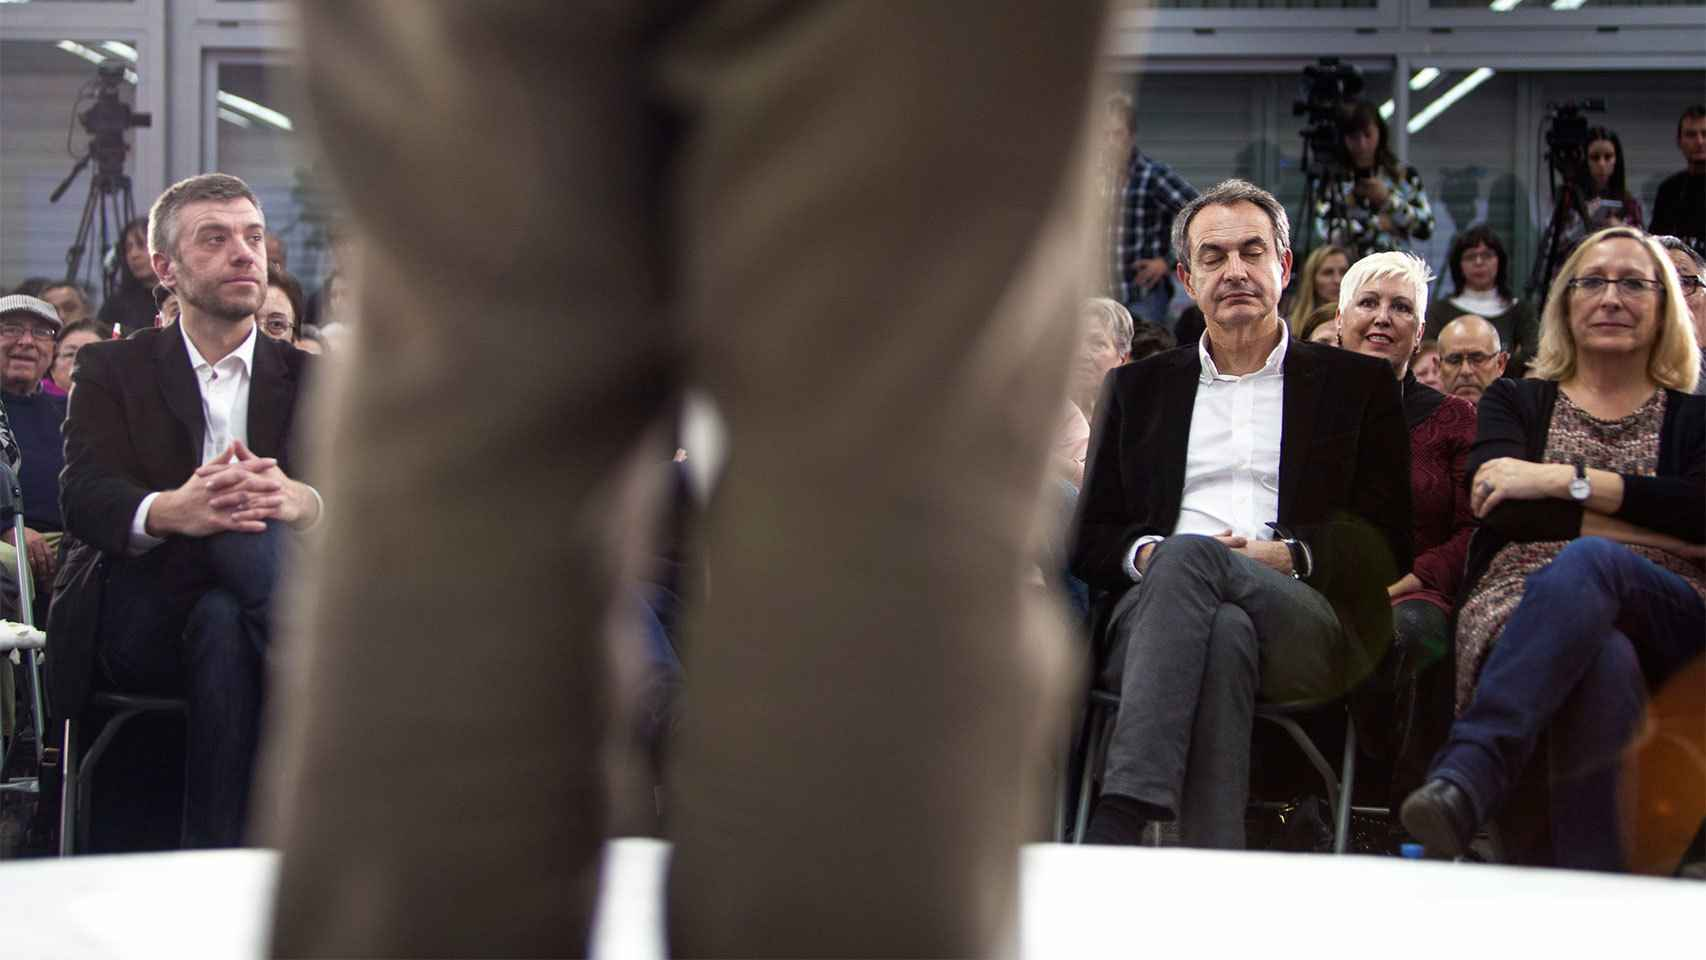 Niega tener jet lag, pero Zapatero cierra a menudo los ojos para relajarse.